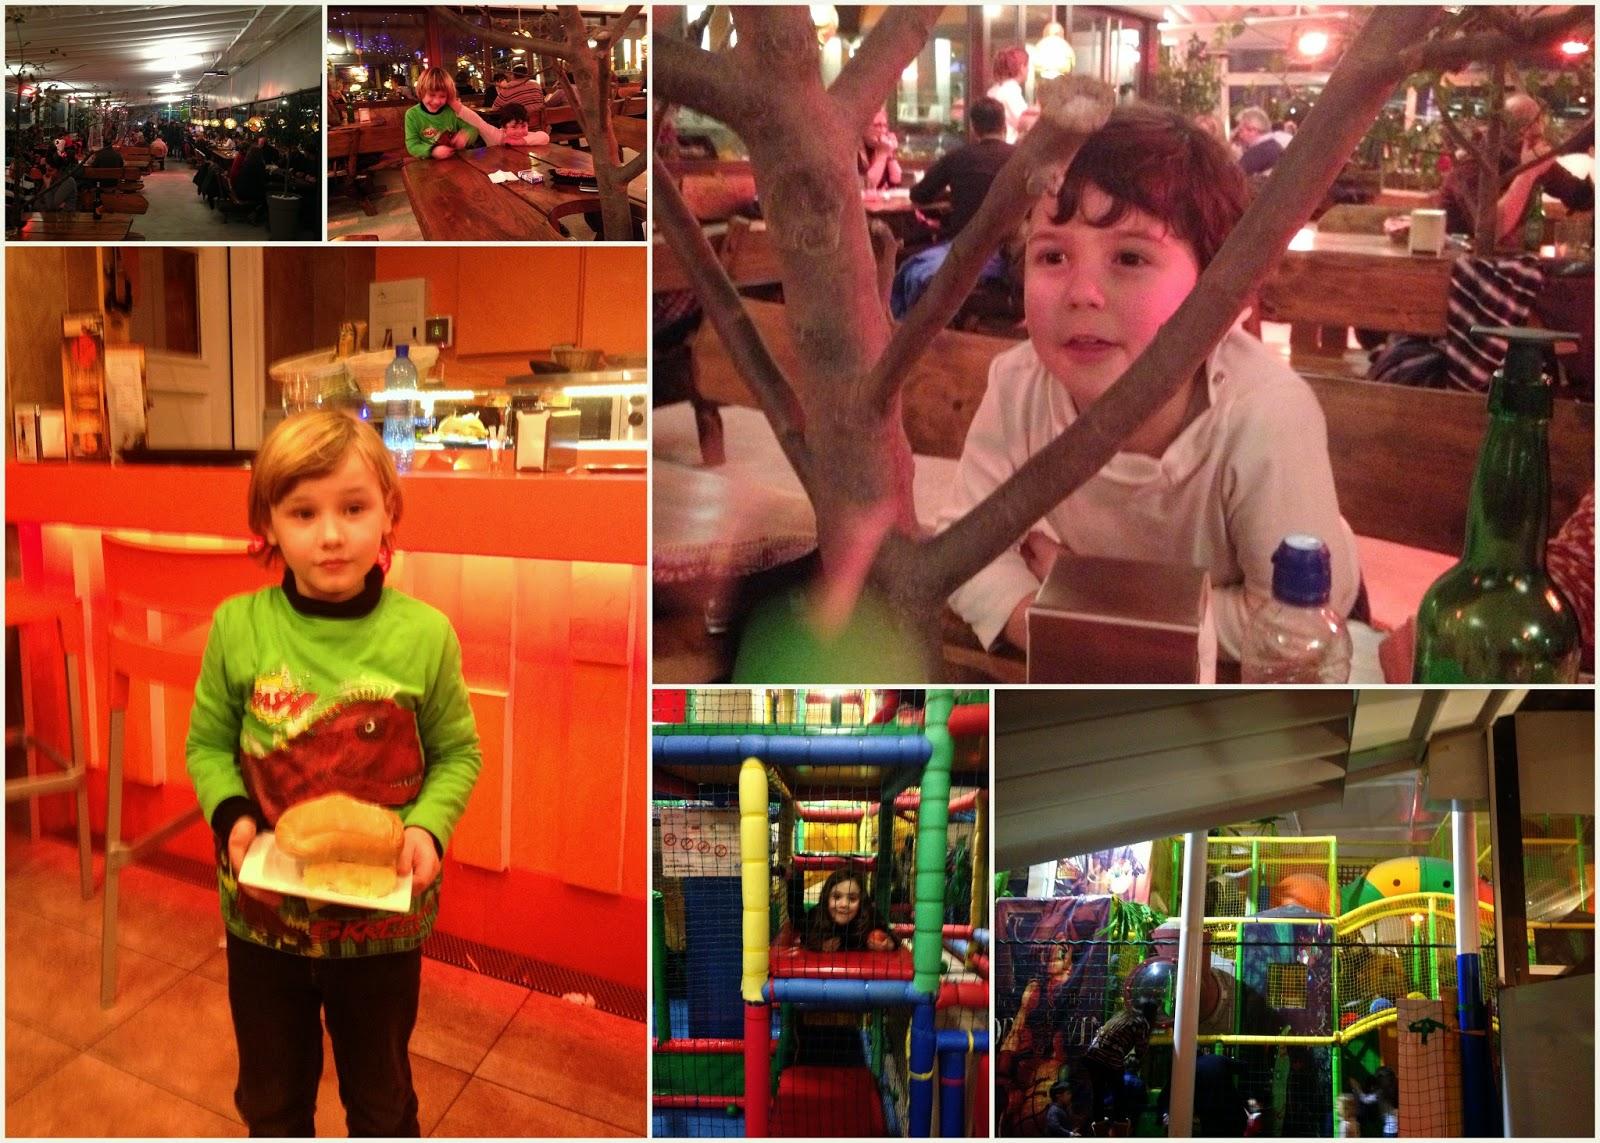 Asturias con niños a dónde vamos hoy? a la Zona de juegos inmensa en la parrilla Kobe